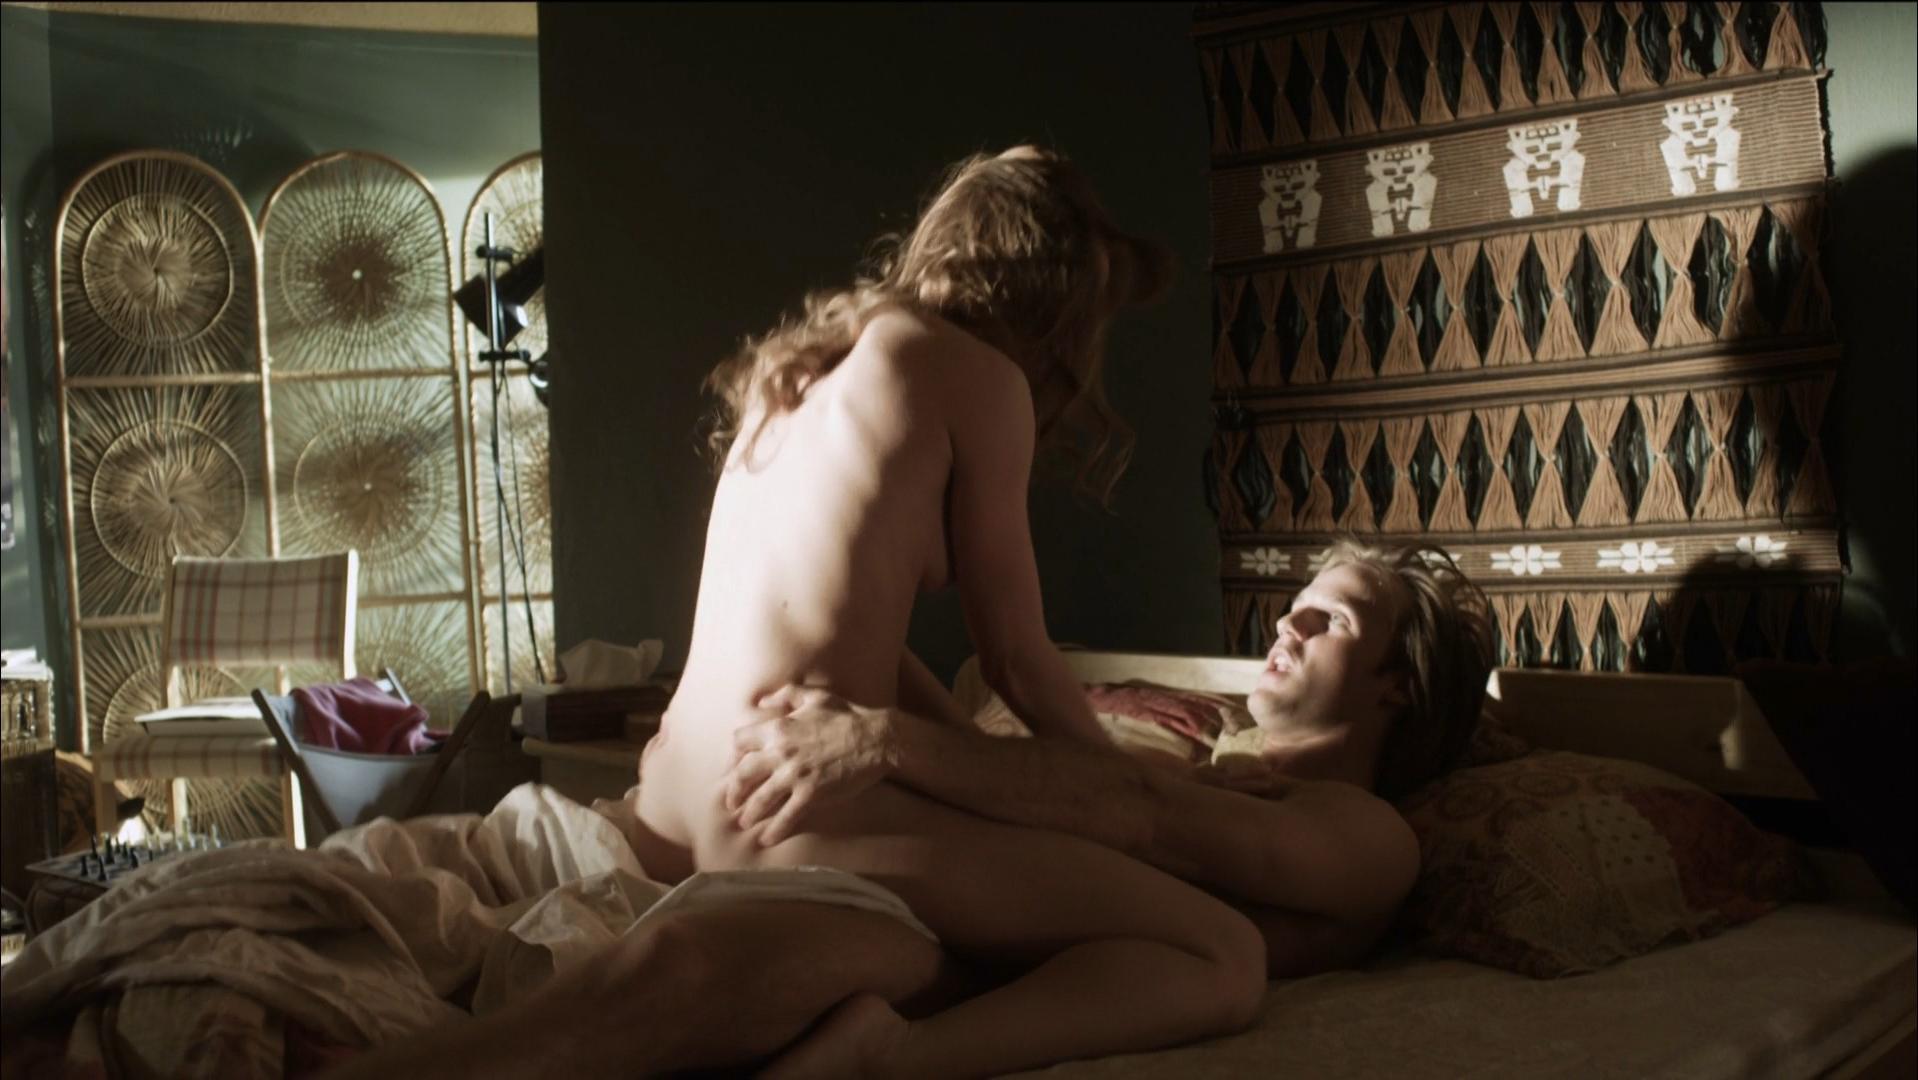 Terra Vnesa nude, Tenika Davis nude, Kaitlyn Leeb nude - Wrong Turn 4 (2011)